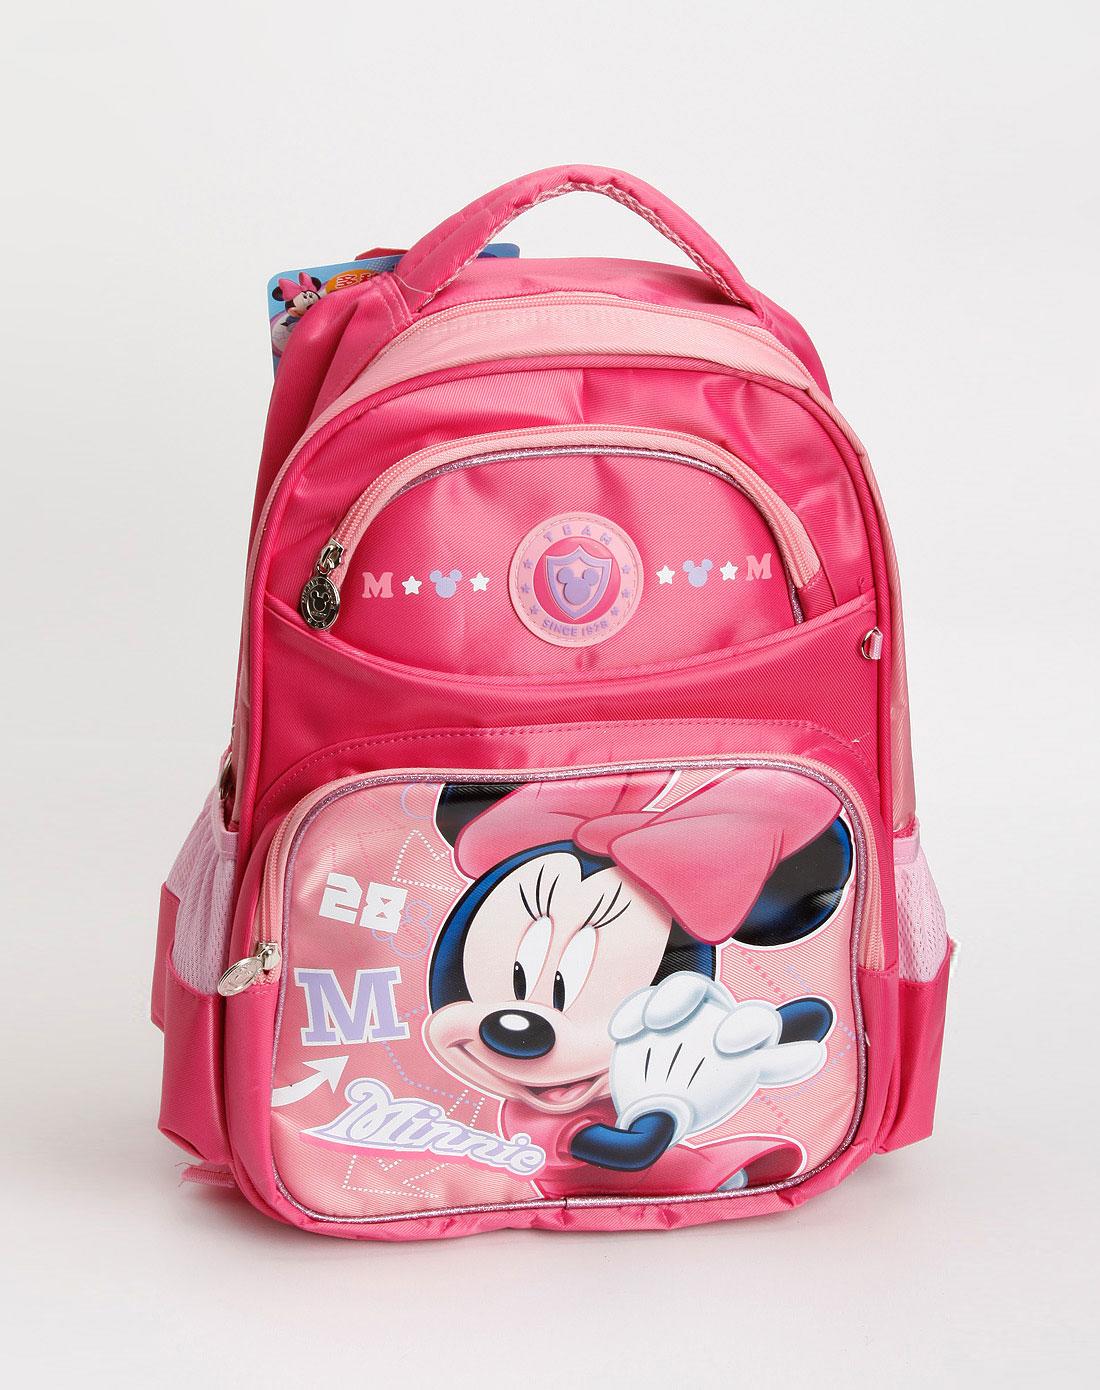 迪士尼disney专场米奇儿童桃红色米妮双肩包cl-m0355